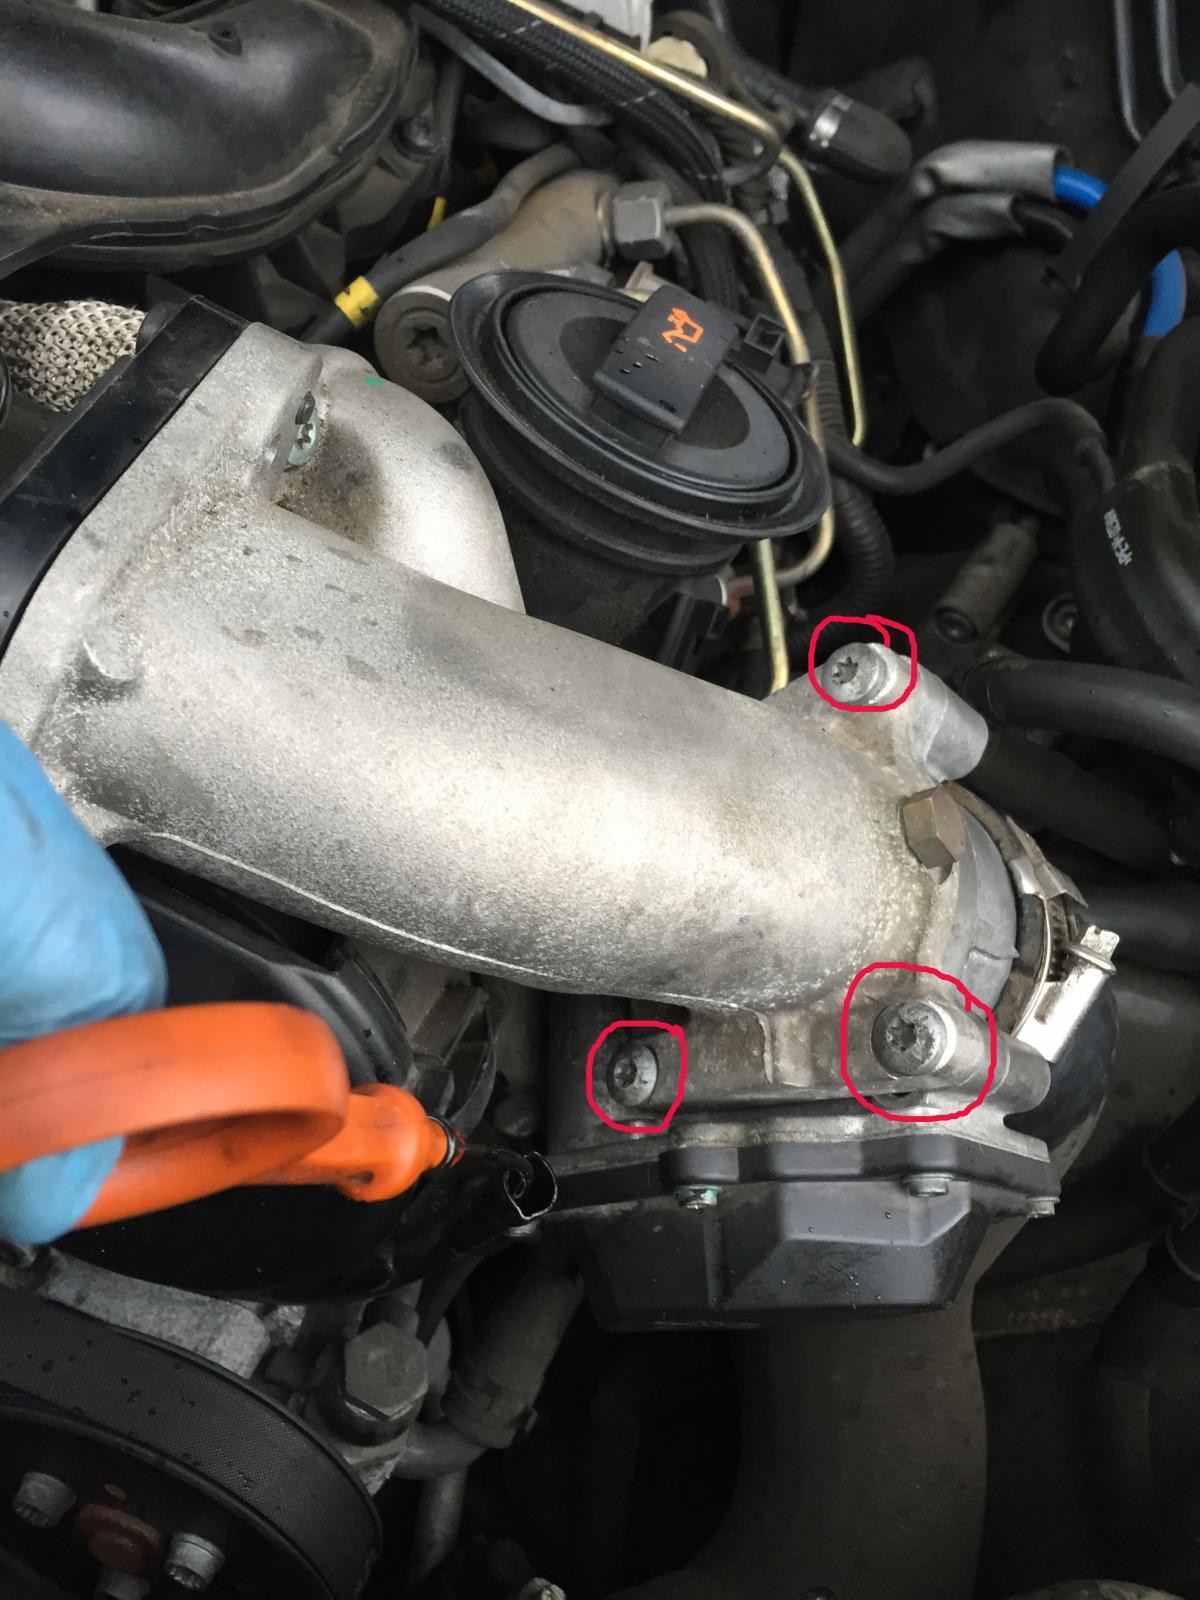 TUTO changement ou réparation boitier papillon Q7 V6 3.0 TDI ...